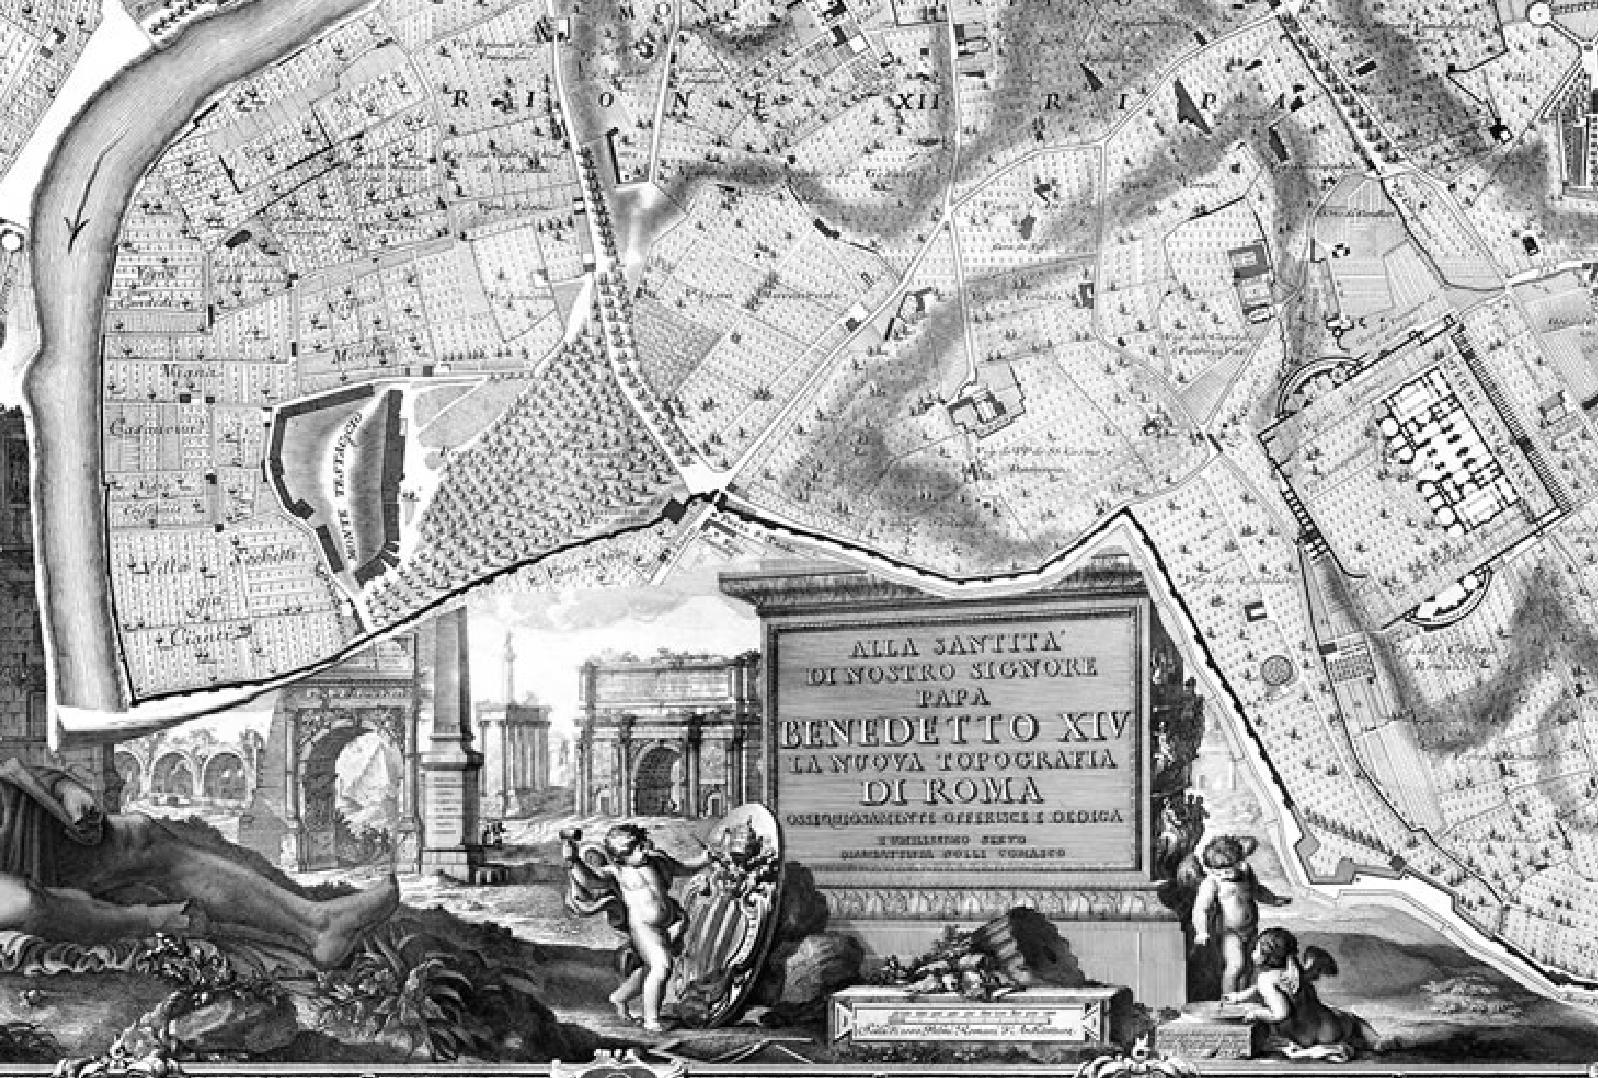 dedication of nuova topografia